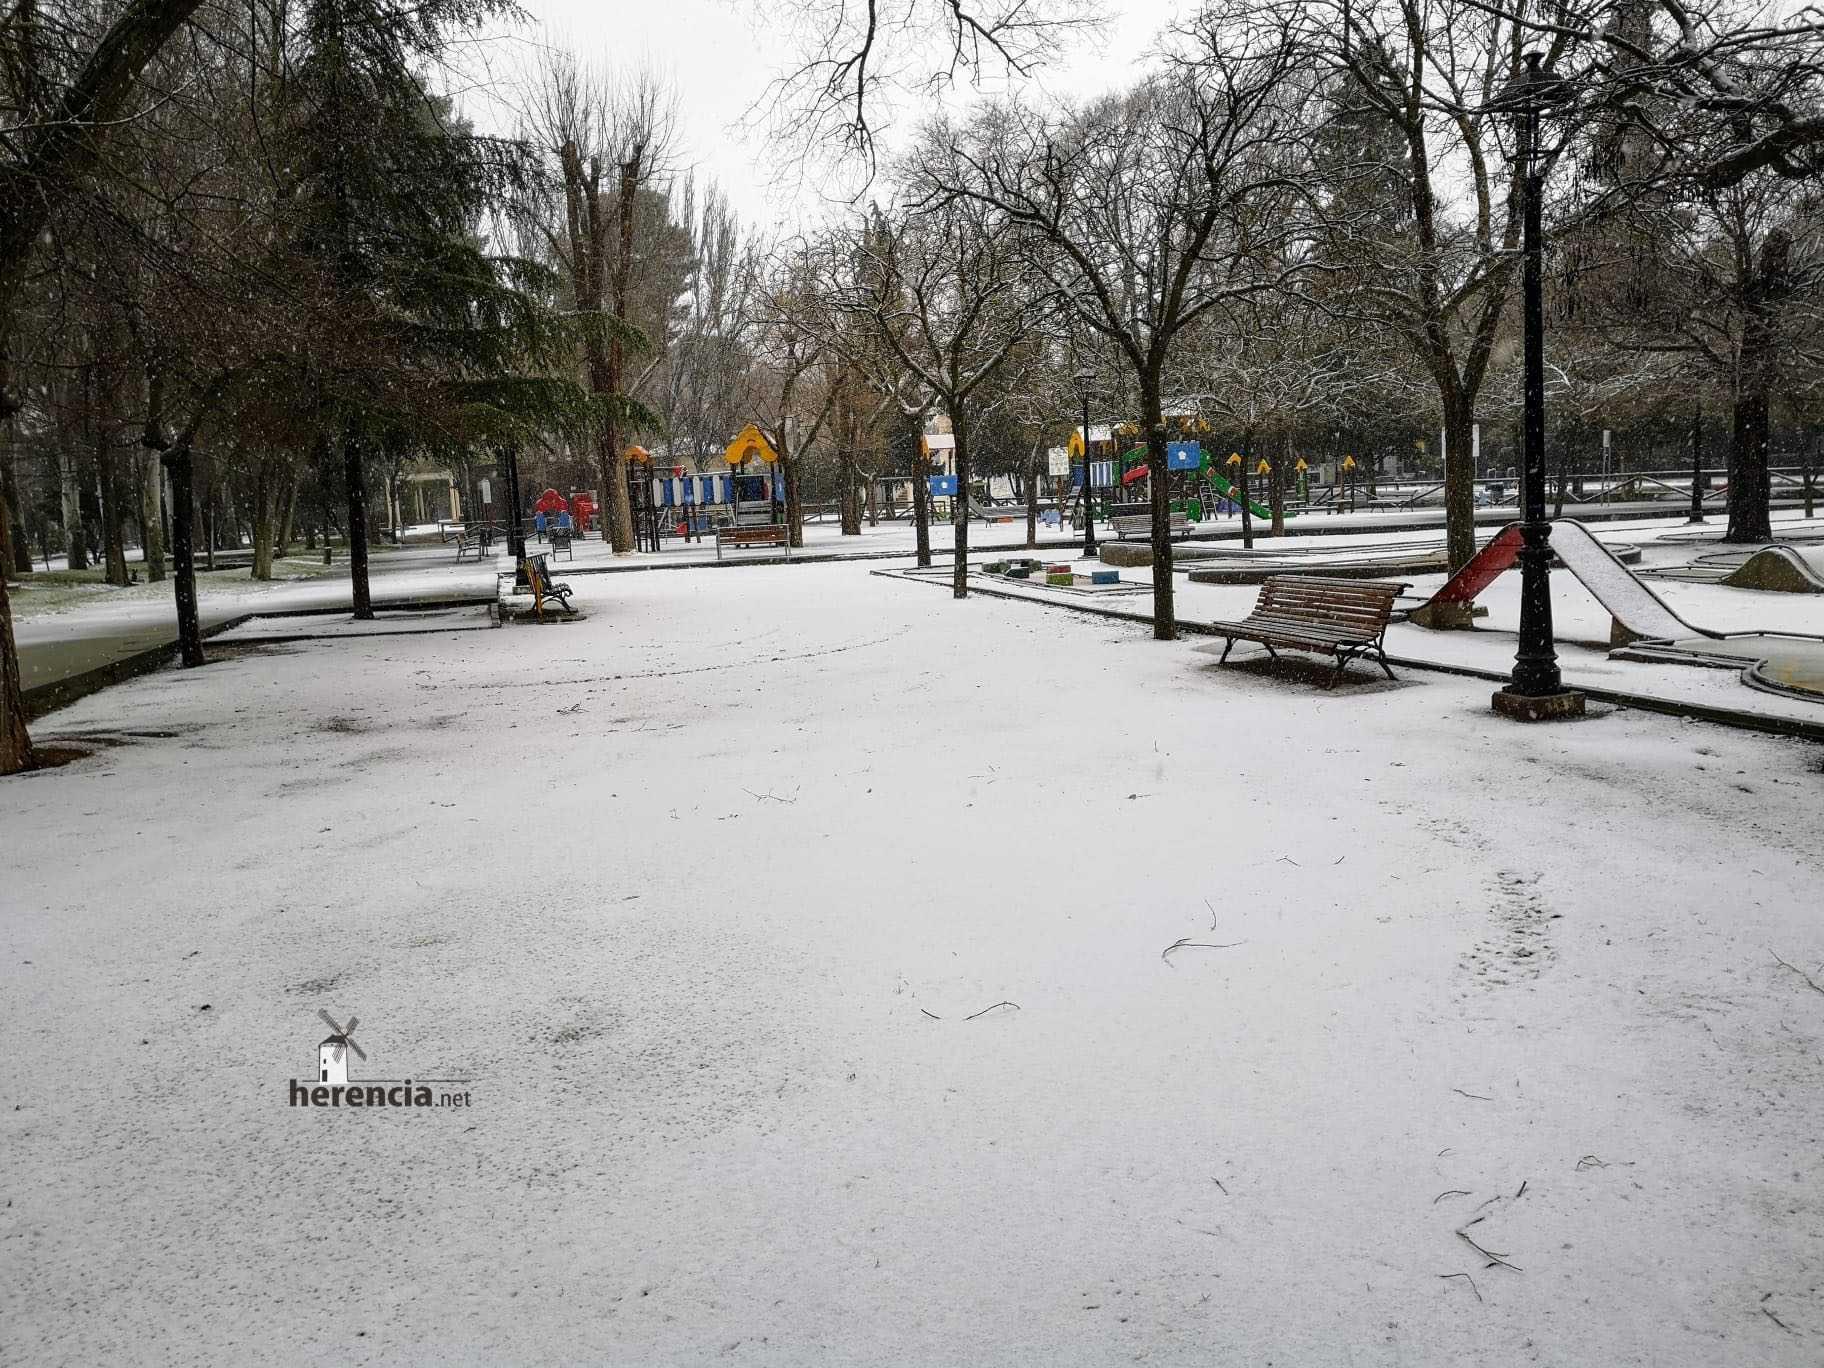 Las nevadas llegan Herencia y a toda Castilla-La Mancha 27